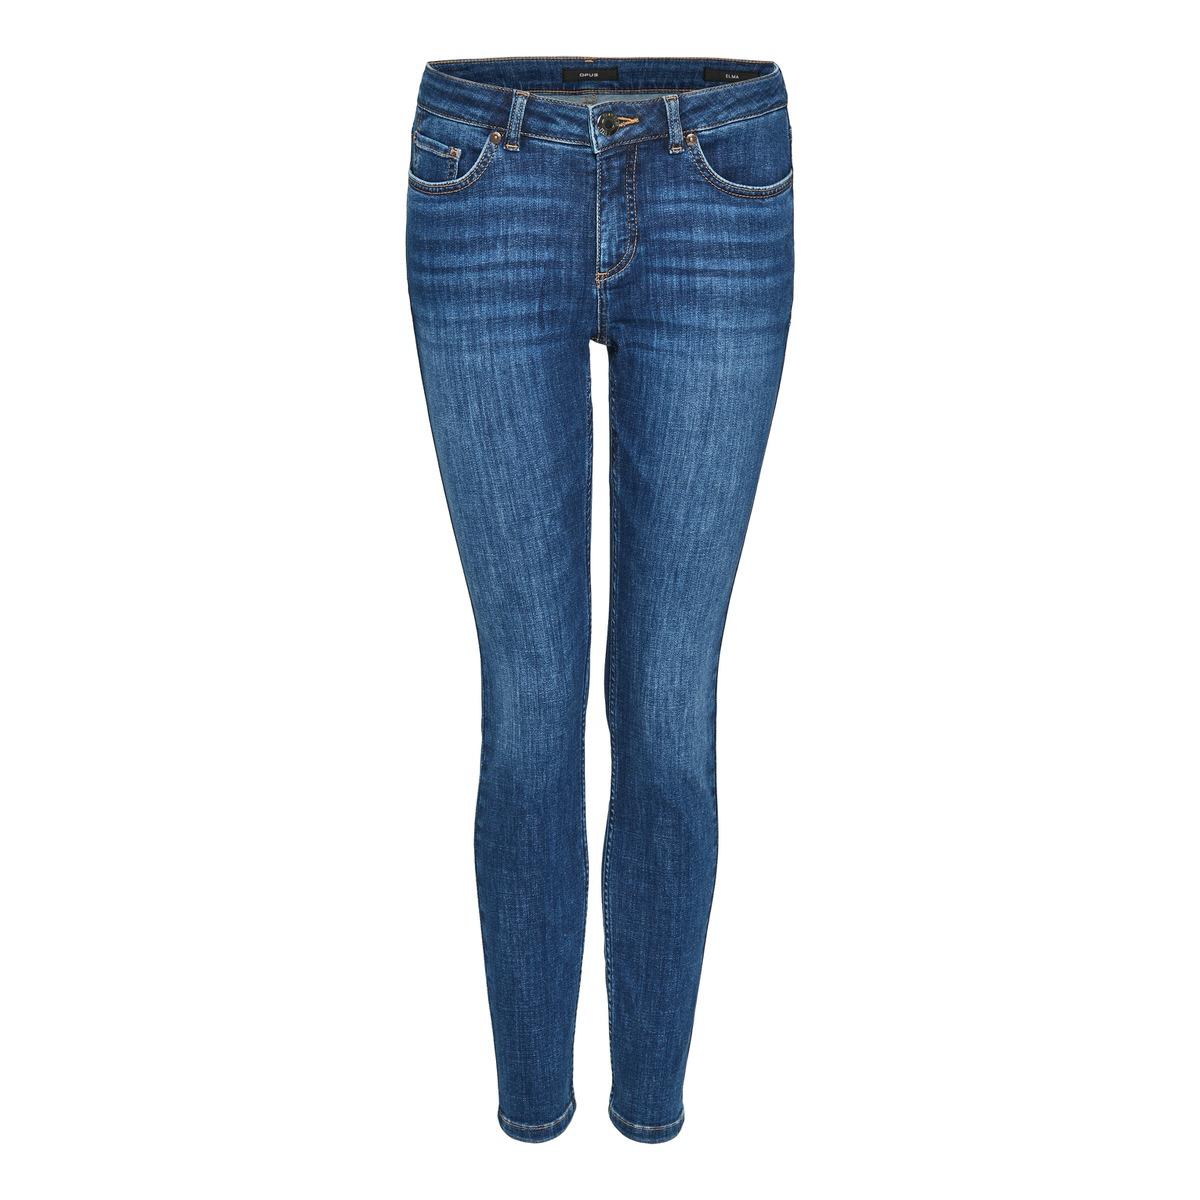 Artikel klicken und genauer betrachten! - Die Jeans aus einem angenehmen Baumwoll-Mix kommt in einer schönen Waschung daher. Das schmal zulaufende Bein schmeichelt der Figur und verspricht durch das softe Material einen komfortablen Fit. Ein klassisches 5-Pocket-Design rundet den Look der Jeans gekonnt ab. Baumwoll-Mix, Waschung, schmal zulaufendes Bein, 5-Pocket-Design, angenehmer Komfort, das Model ist 176 cm groß und trägt Größe 36. | im Online Shop kaufen